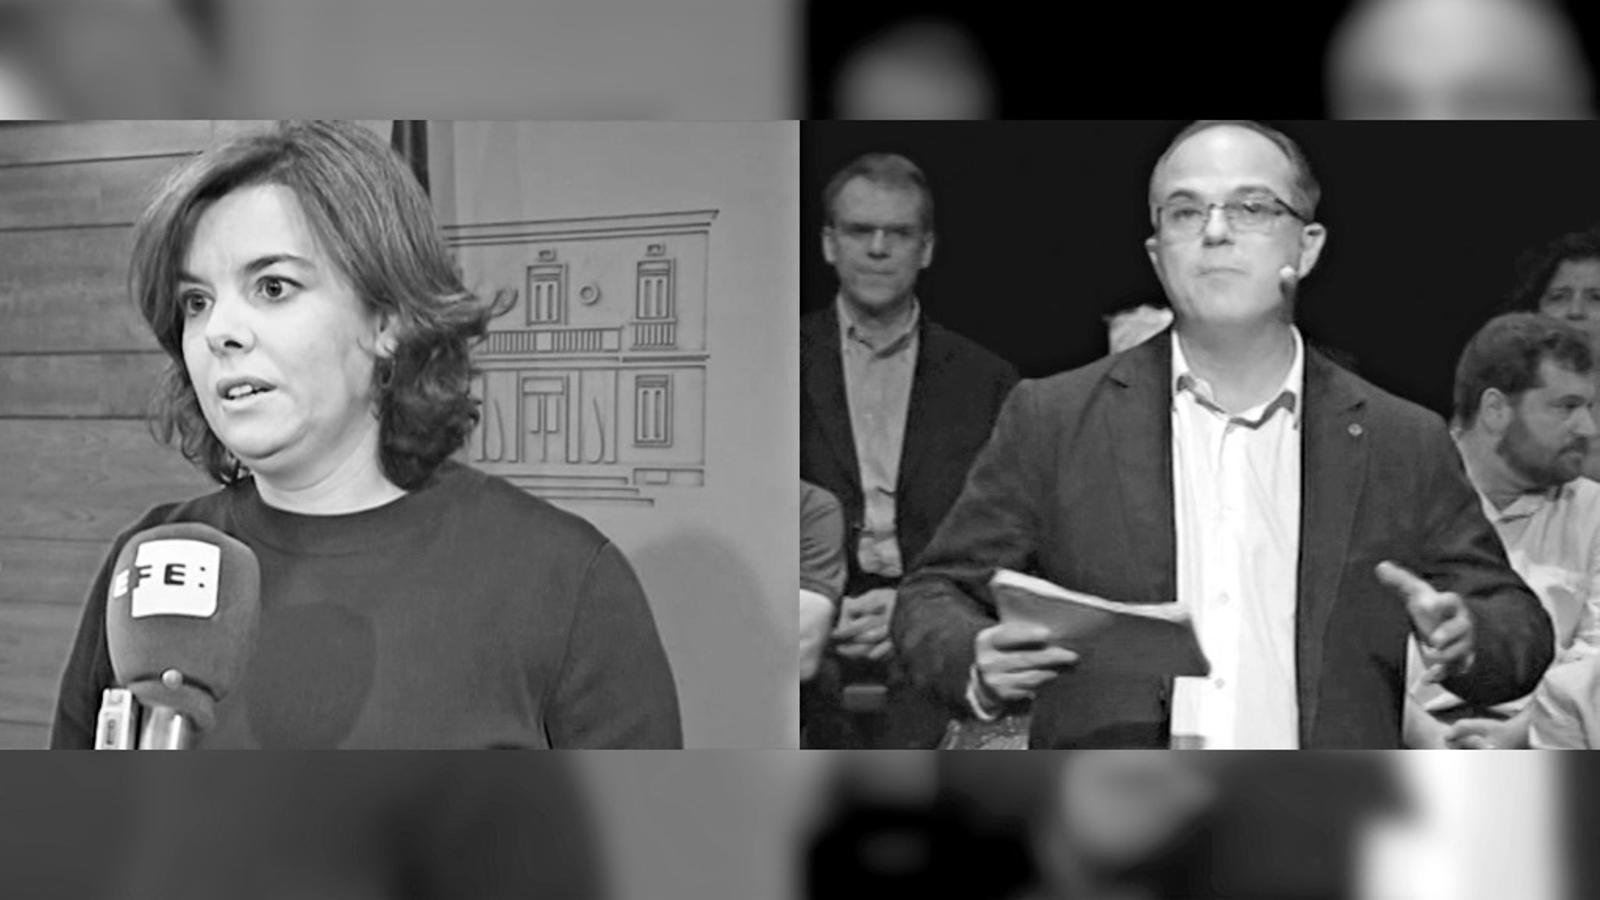 L'anàlisi d'Antoni Bassas: 'Nosaltres, el poble'